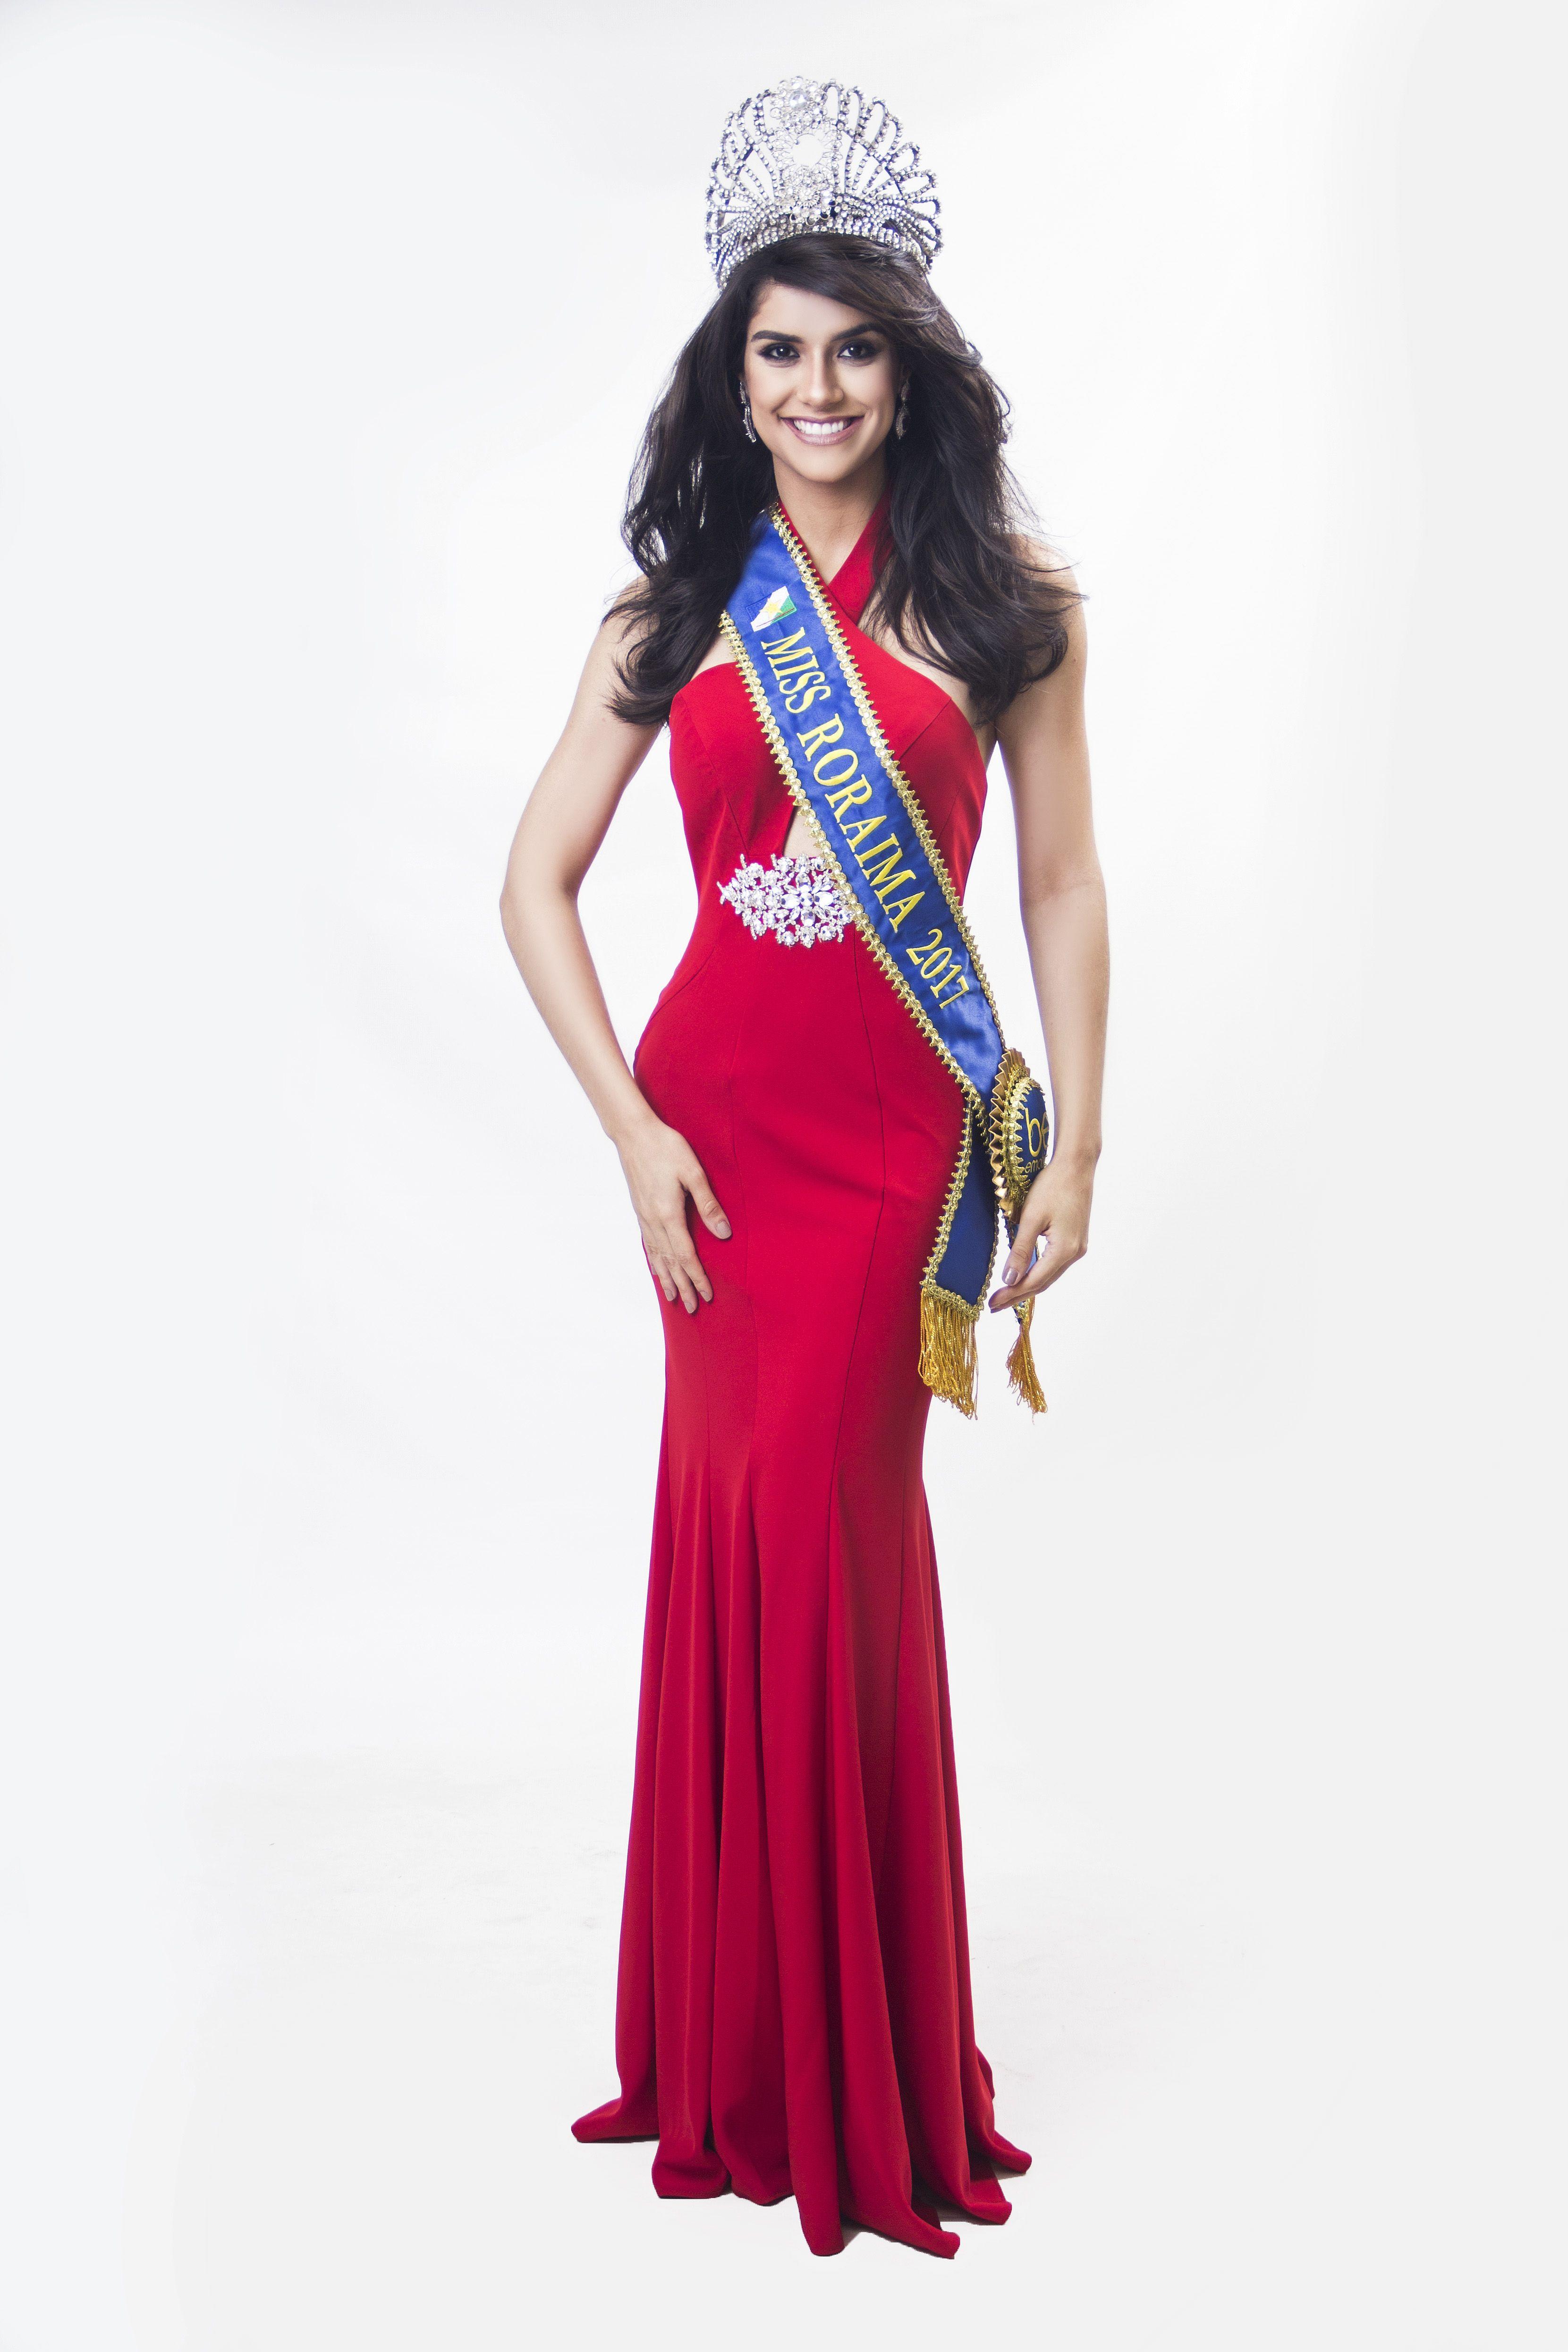 Nathália Lago é a Miss Roraima / Divulgação